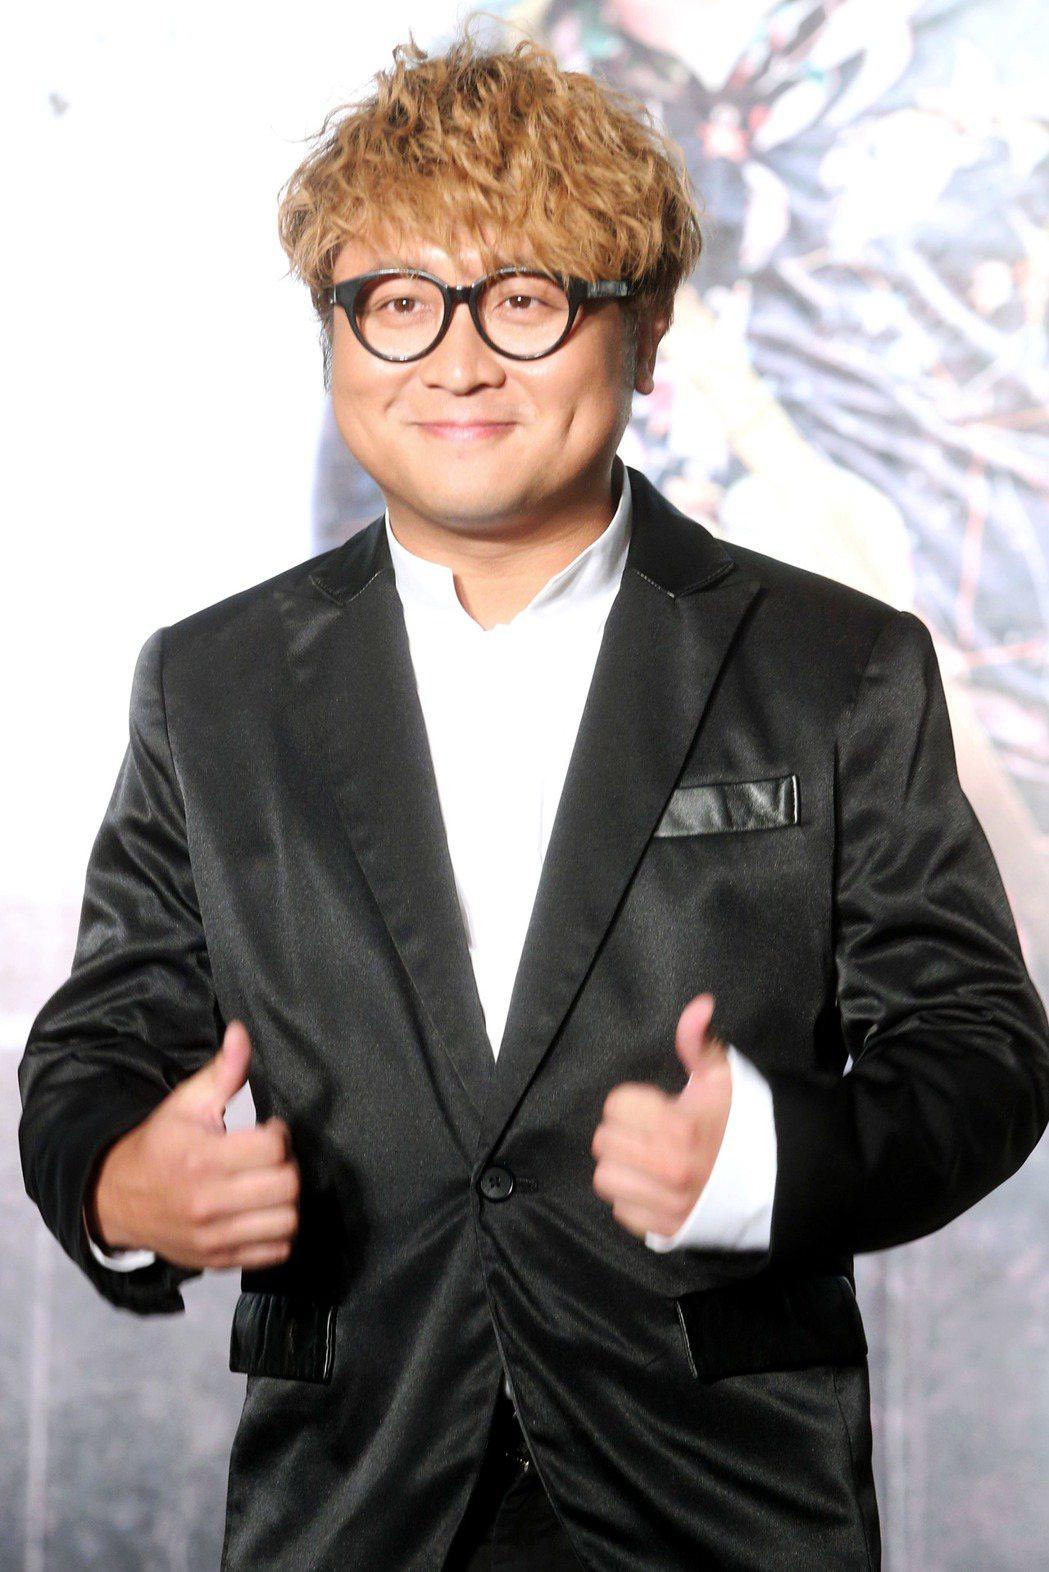 金馬獎入圍提名8項的電影「一路順風」2日舉行記者會,納豆入圍男配角,開心出席。記...